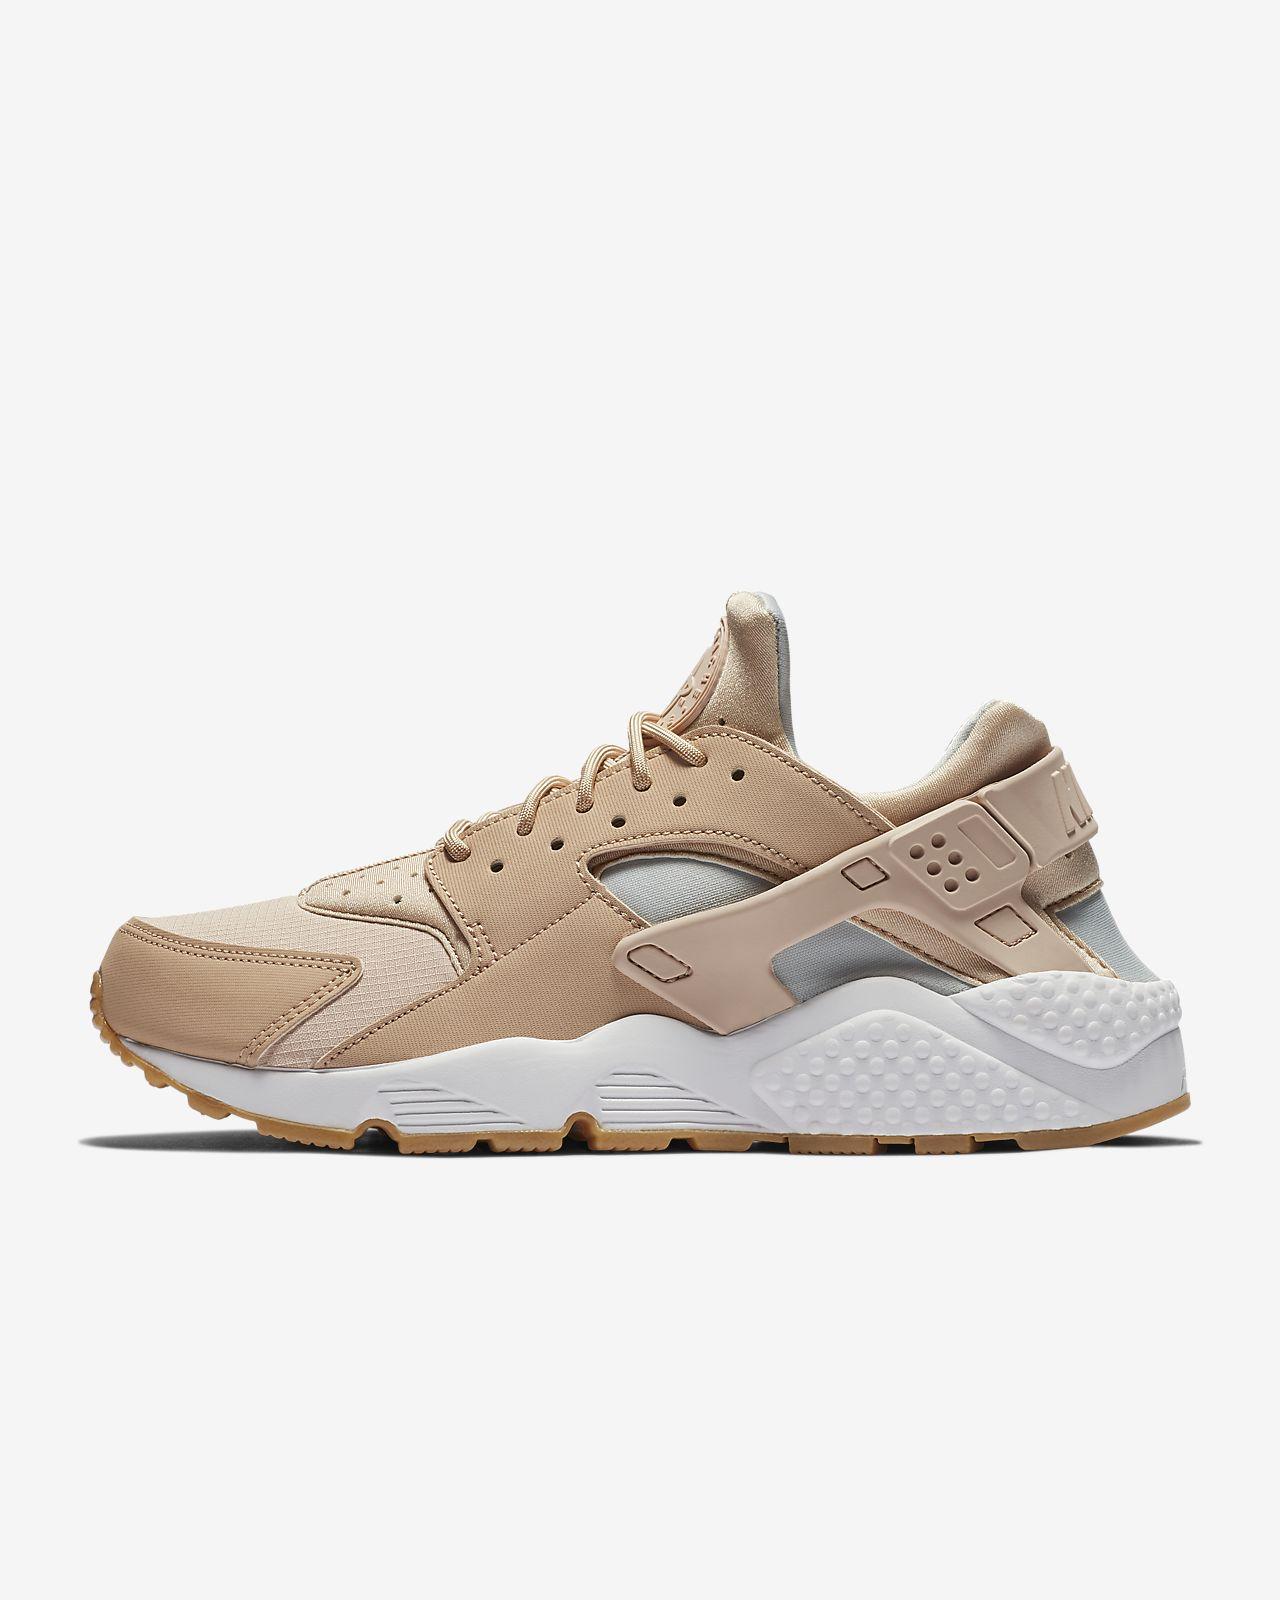 FemmeFr Chaussure Air Huarache Nike Pour Y7ybf6vg